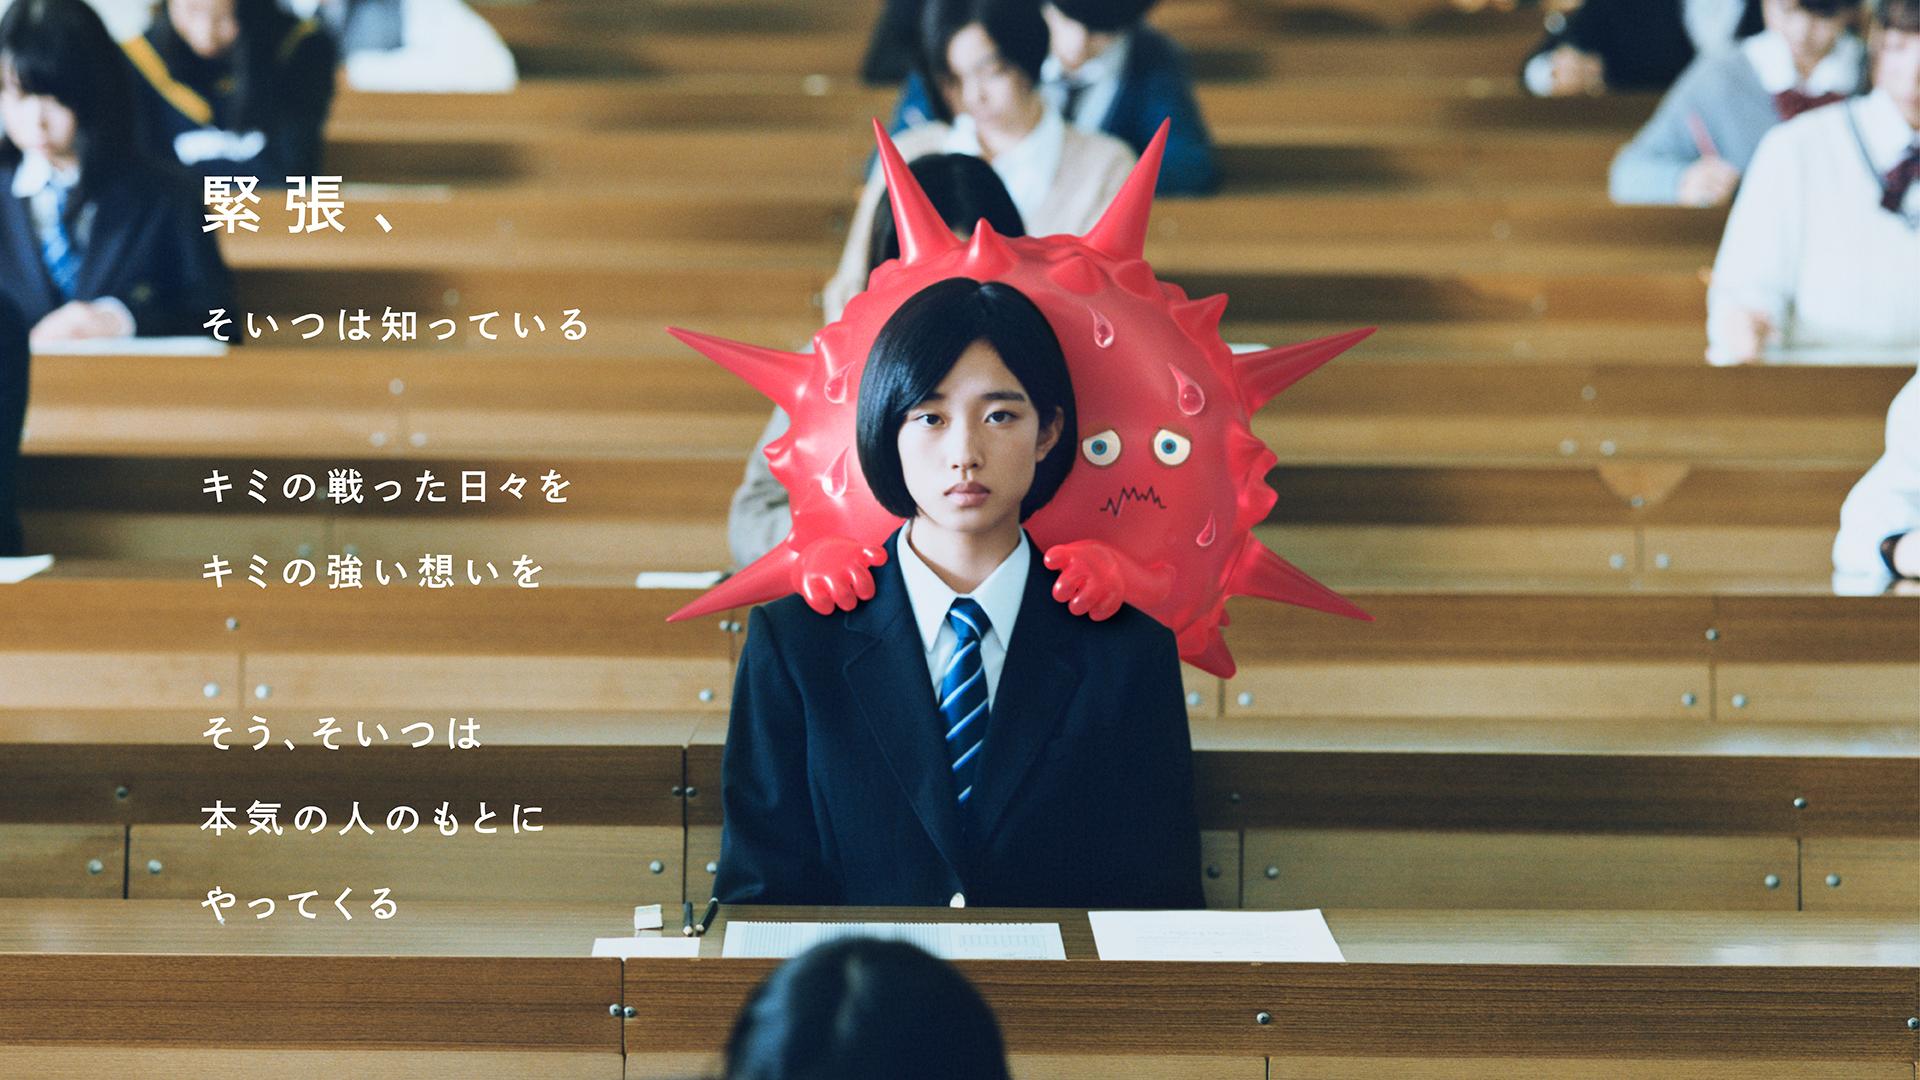 森永製菓 inゼリー「受験に inゼリー2020」